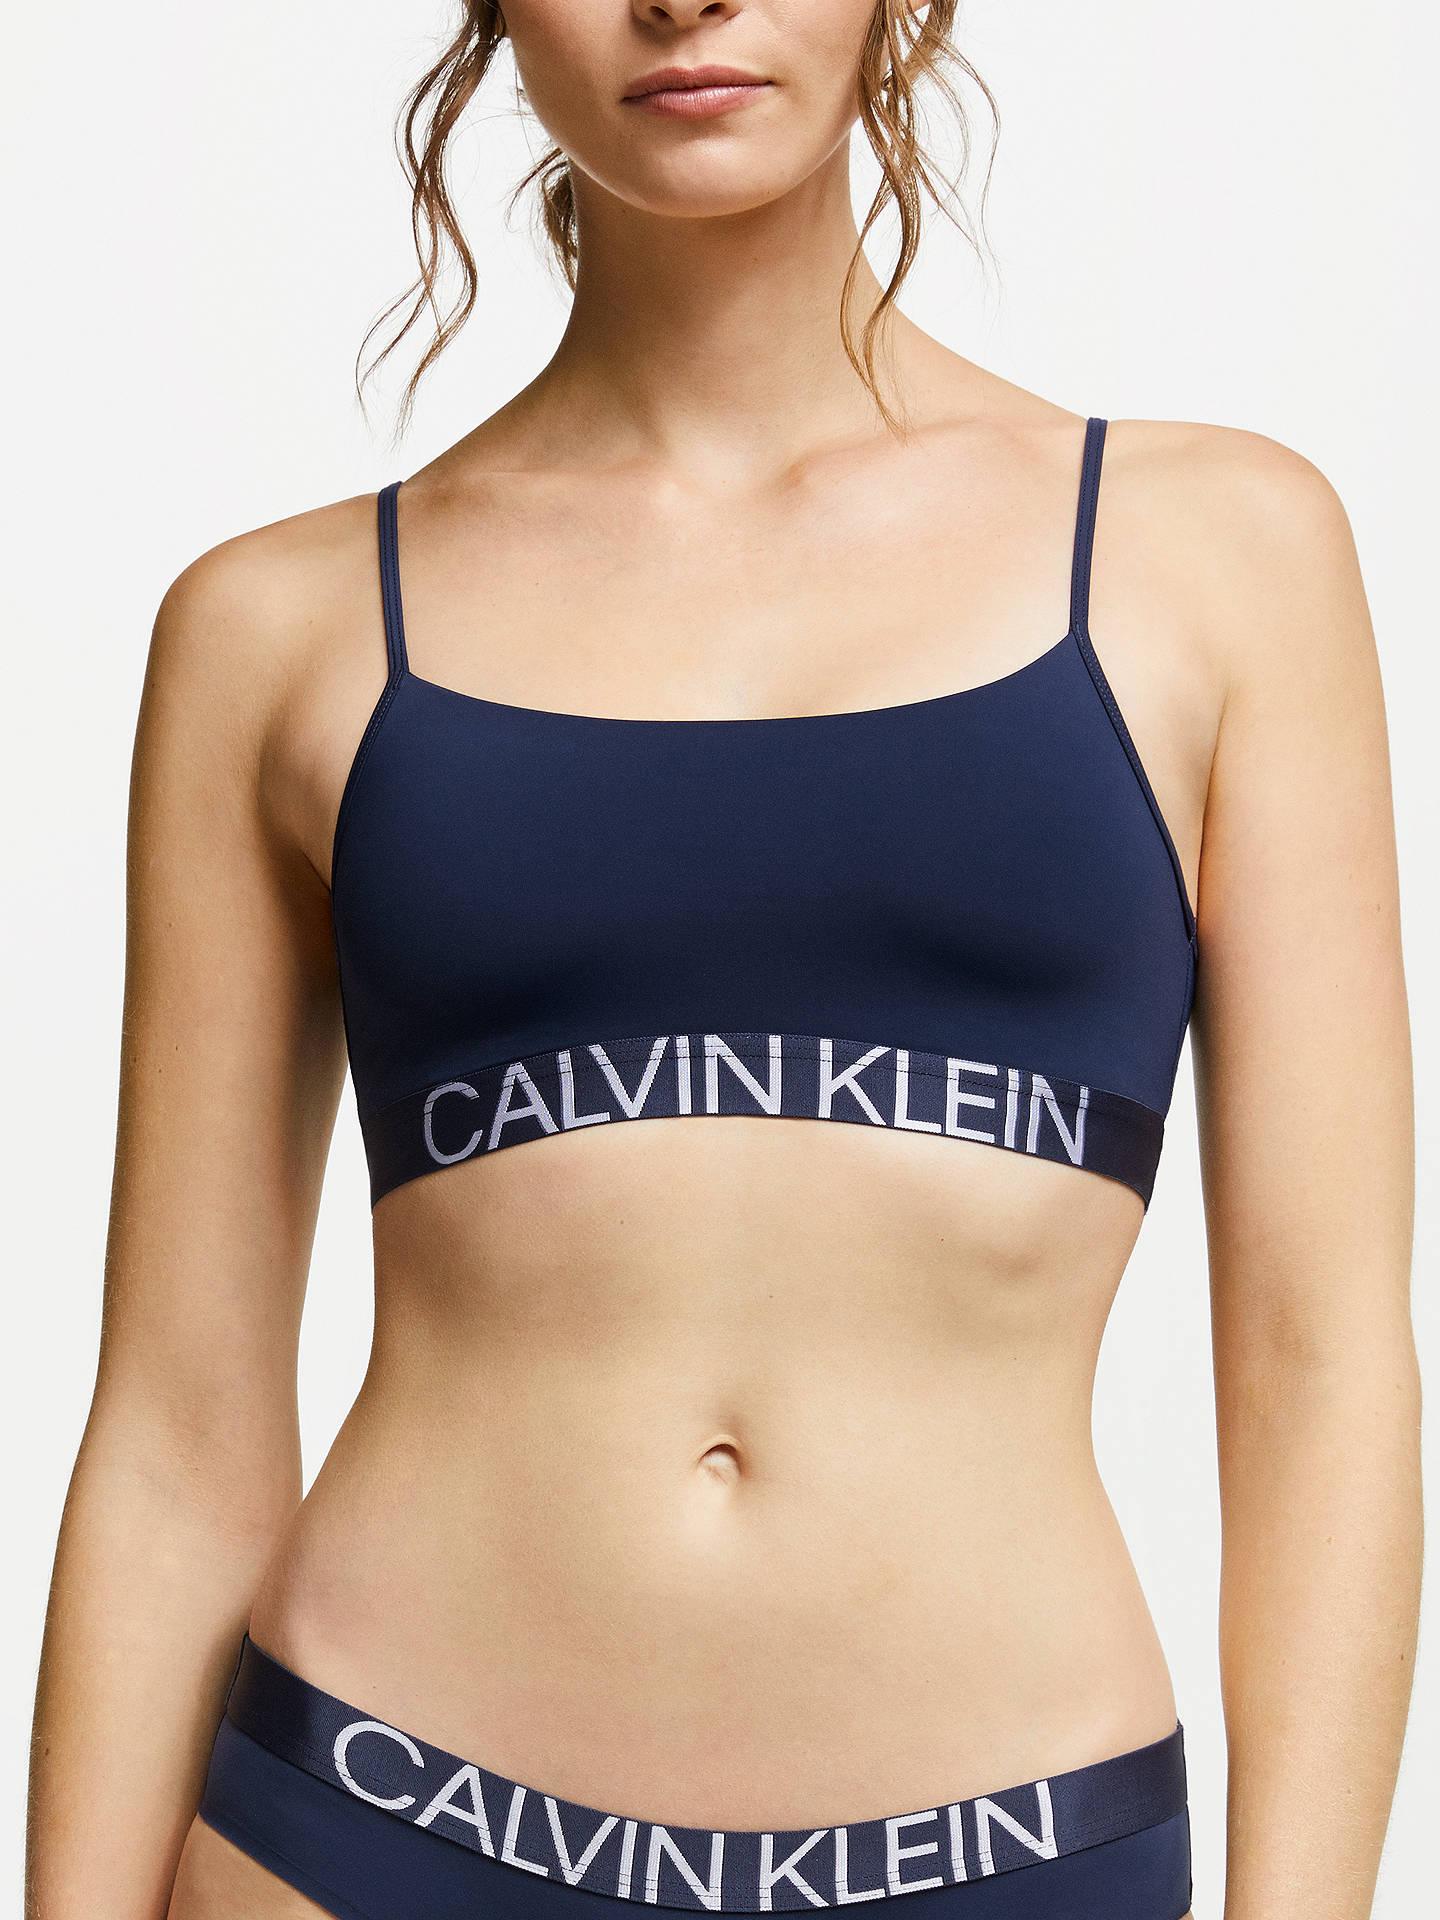 833828c10f Buy Calvin Klein Statement 1981 Bralette